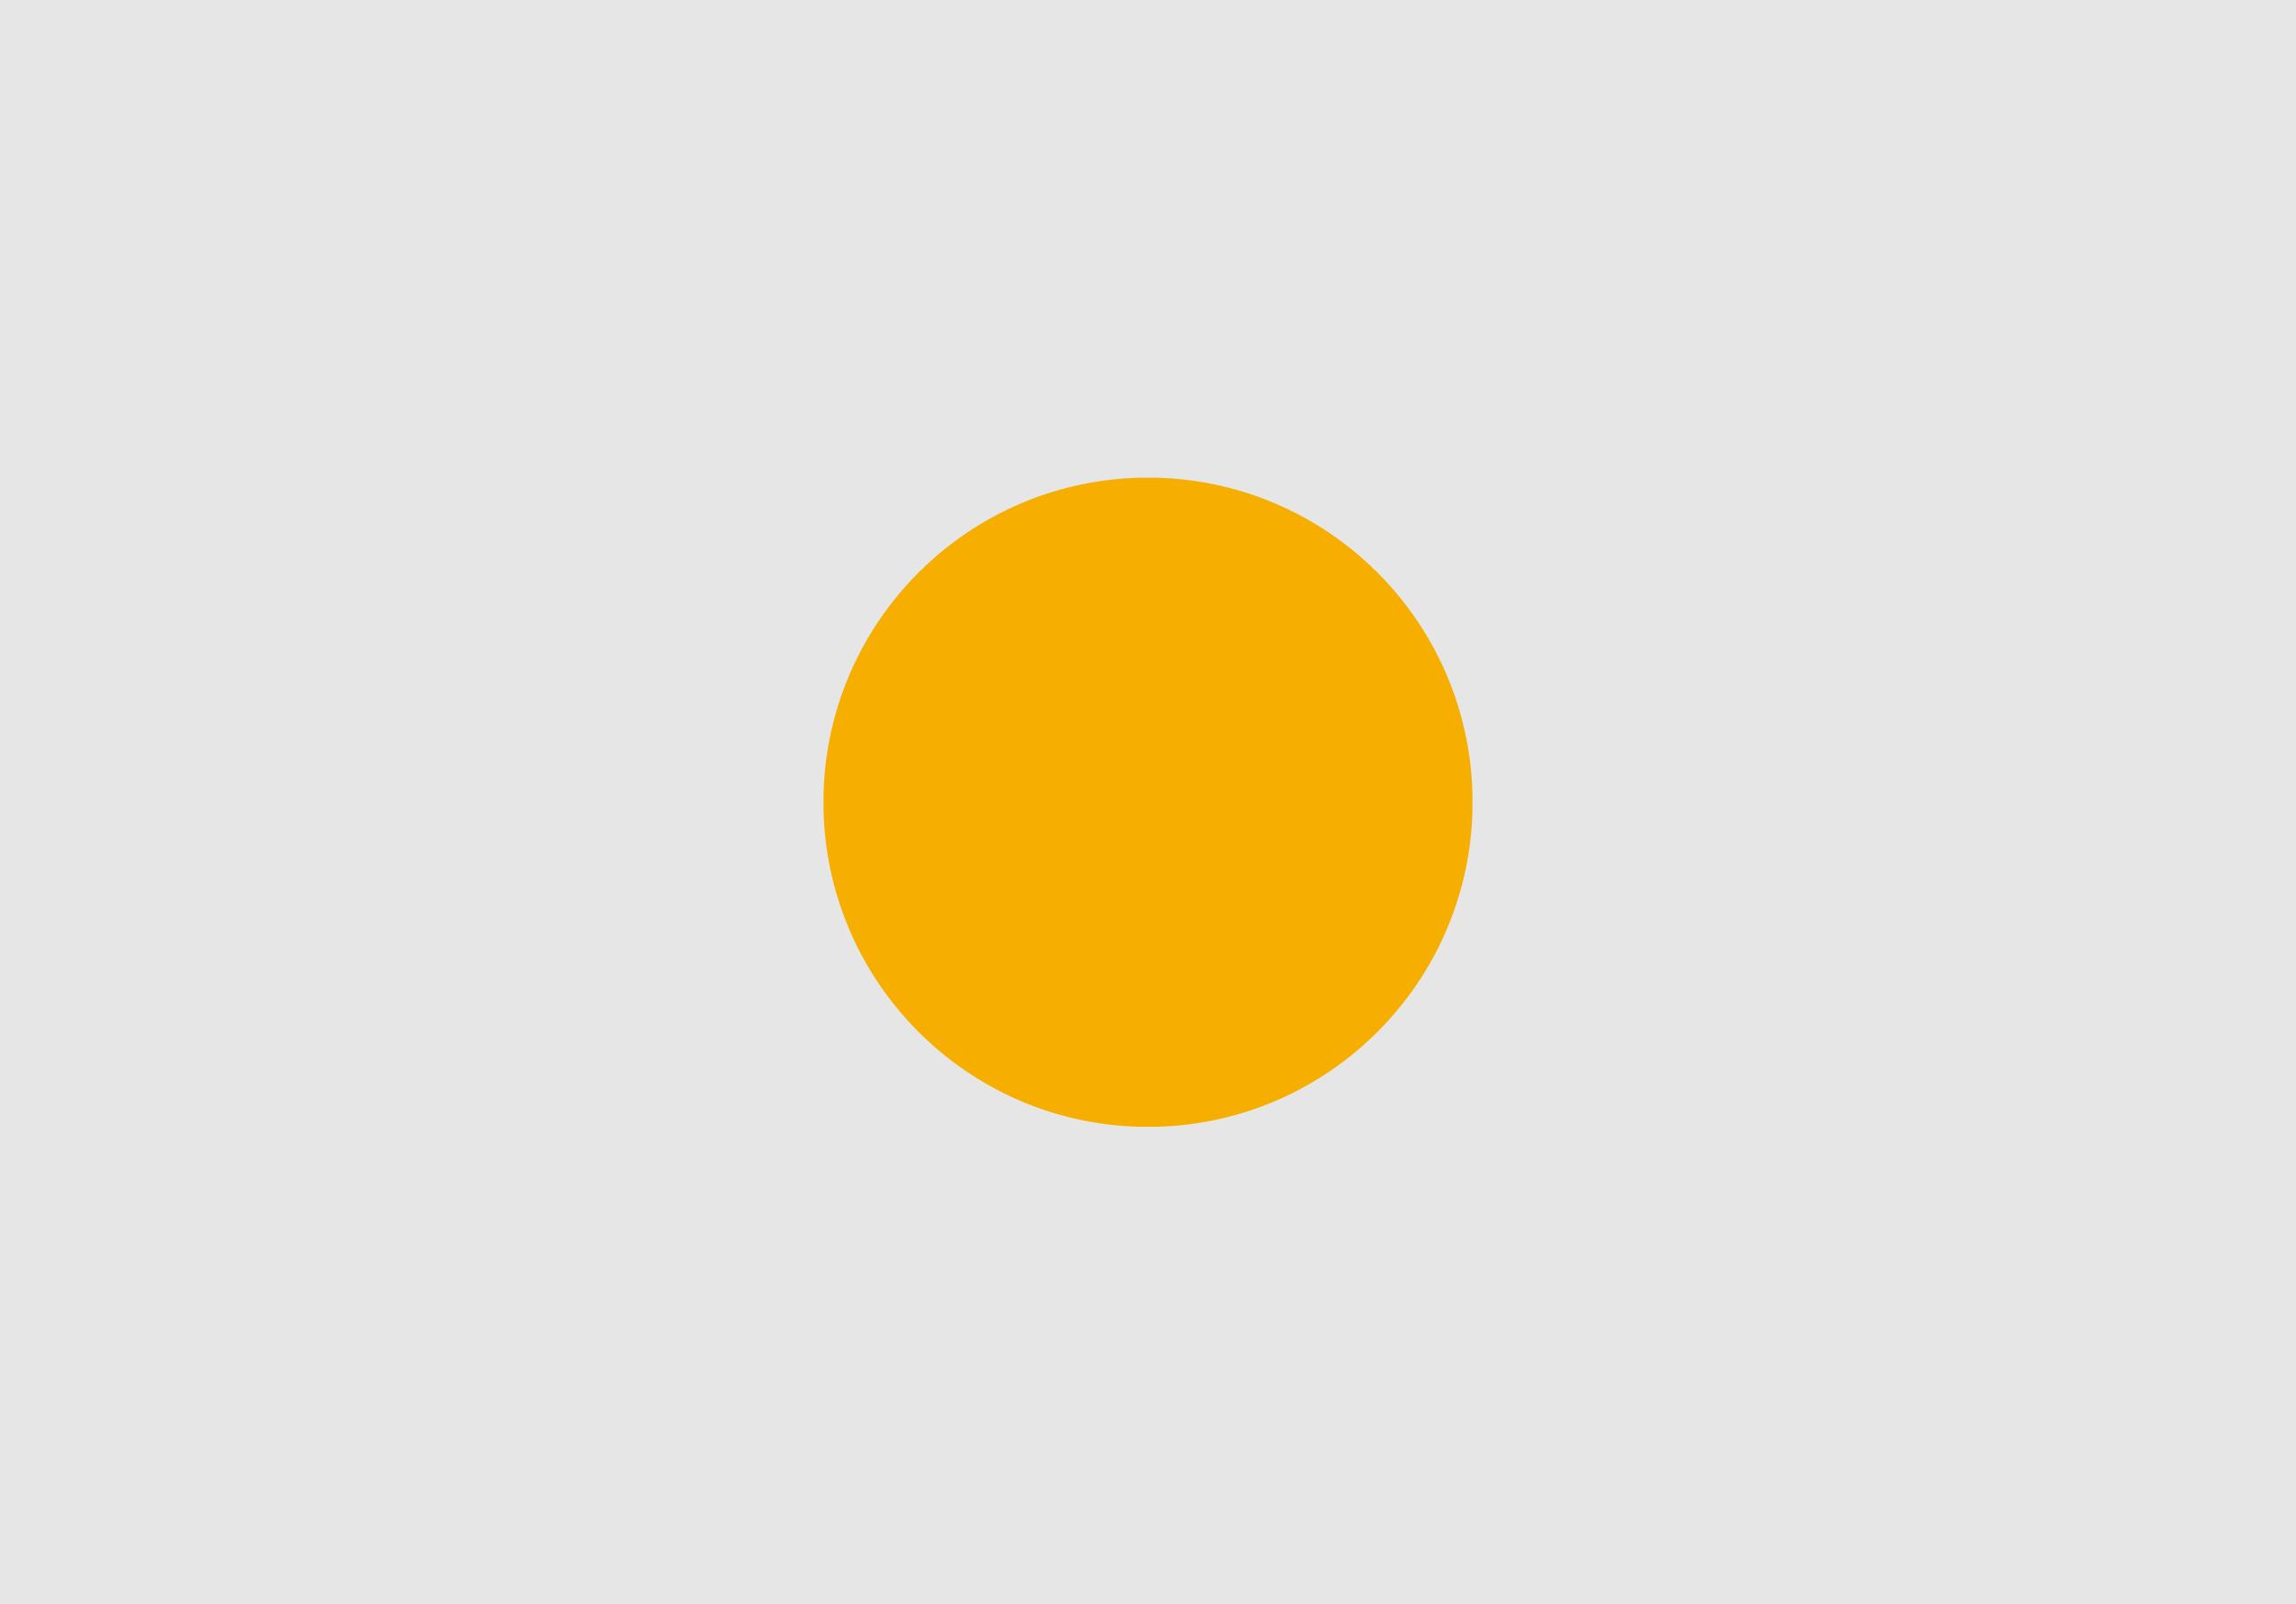 takkraft-profil6